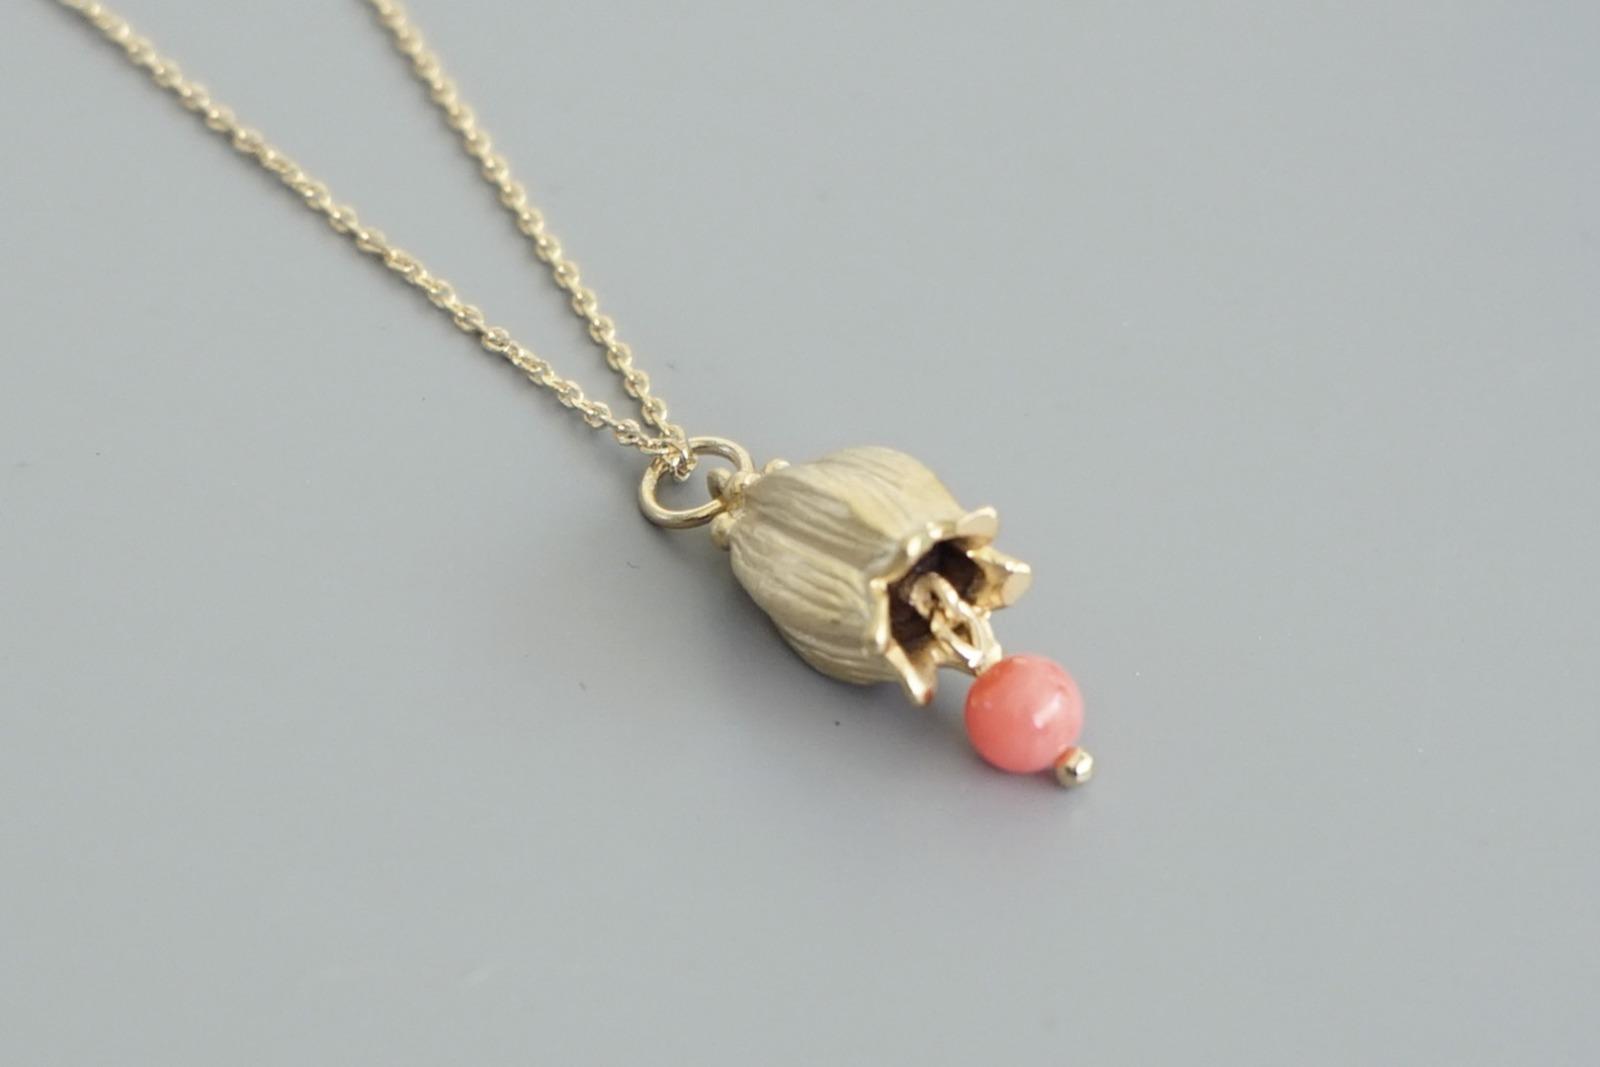 Kette vergoldet mit Glockenblume und rosa Koralle - 2